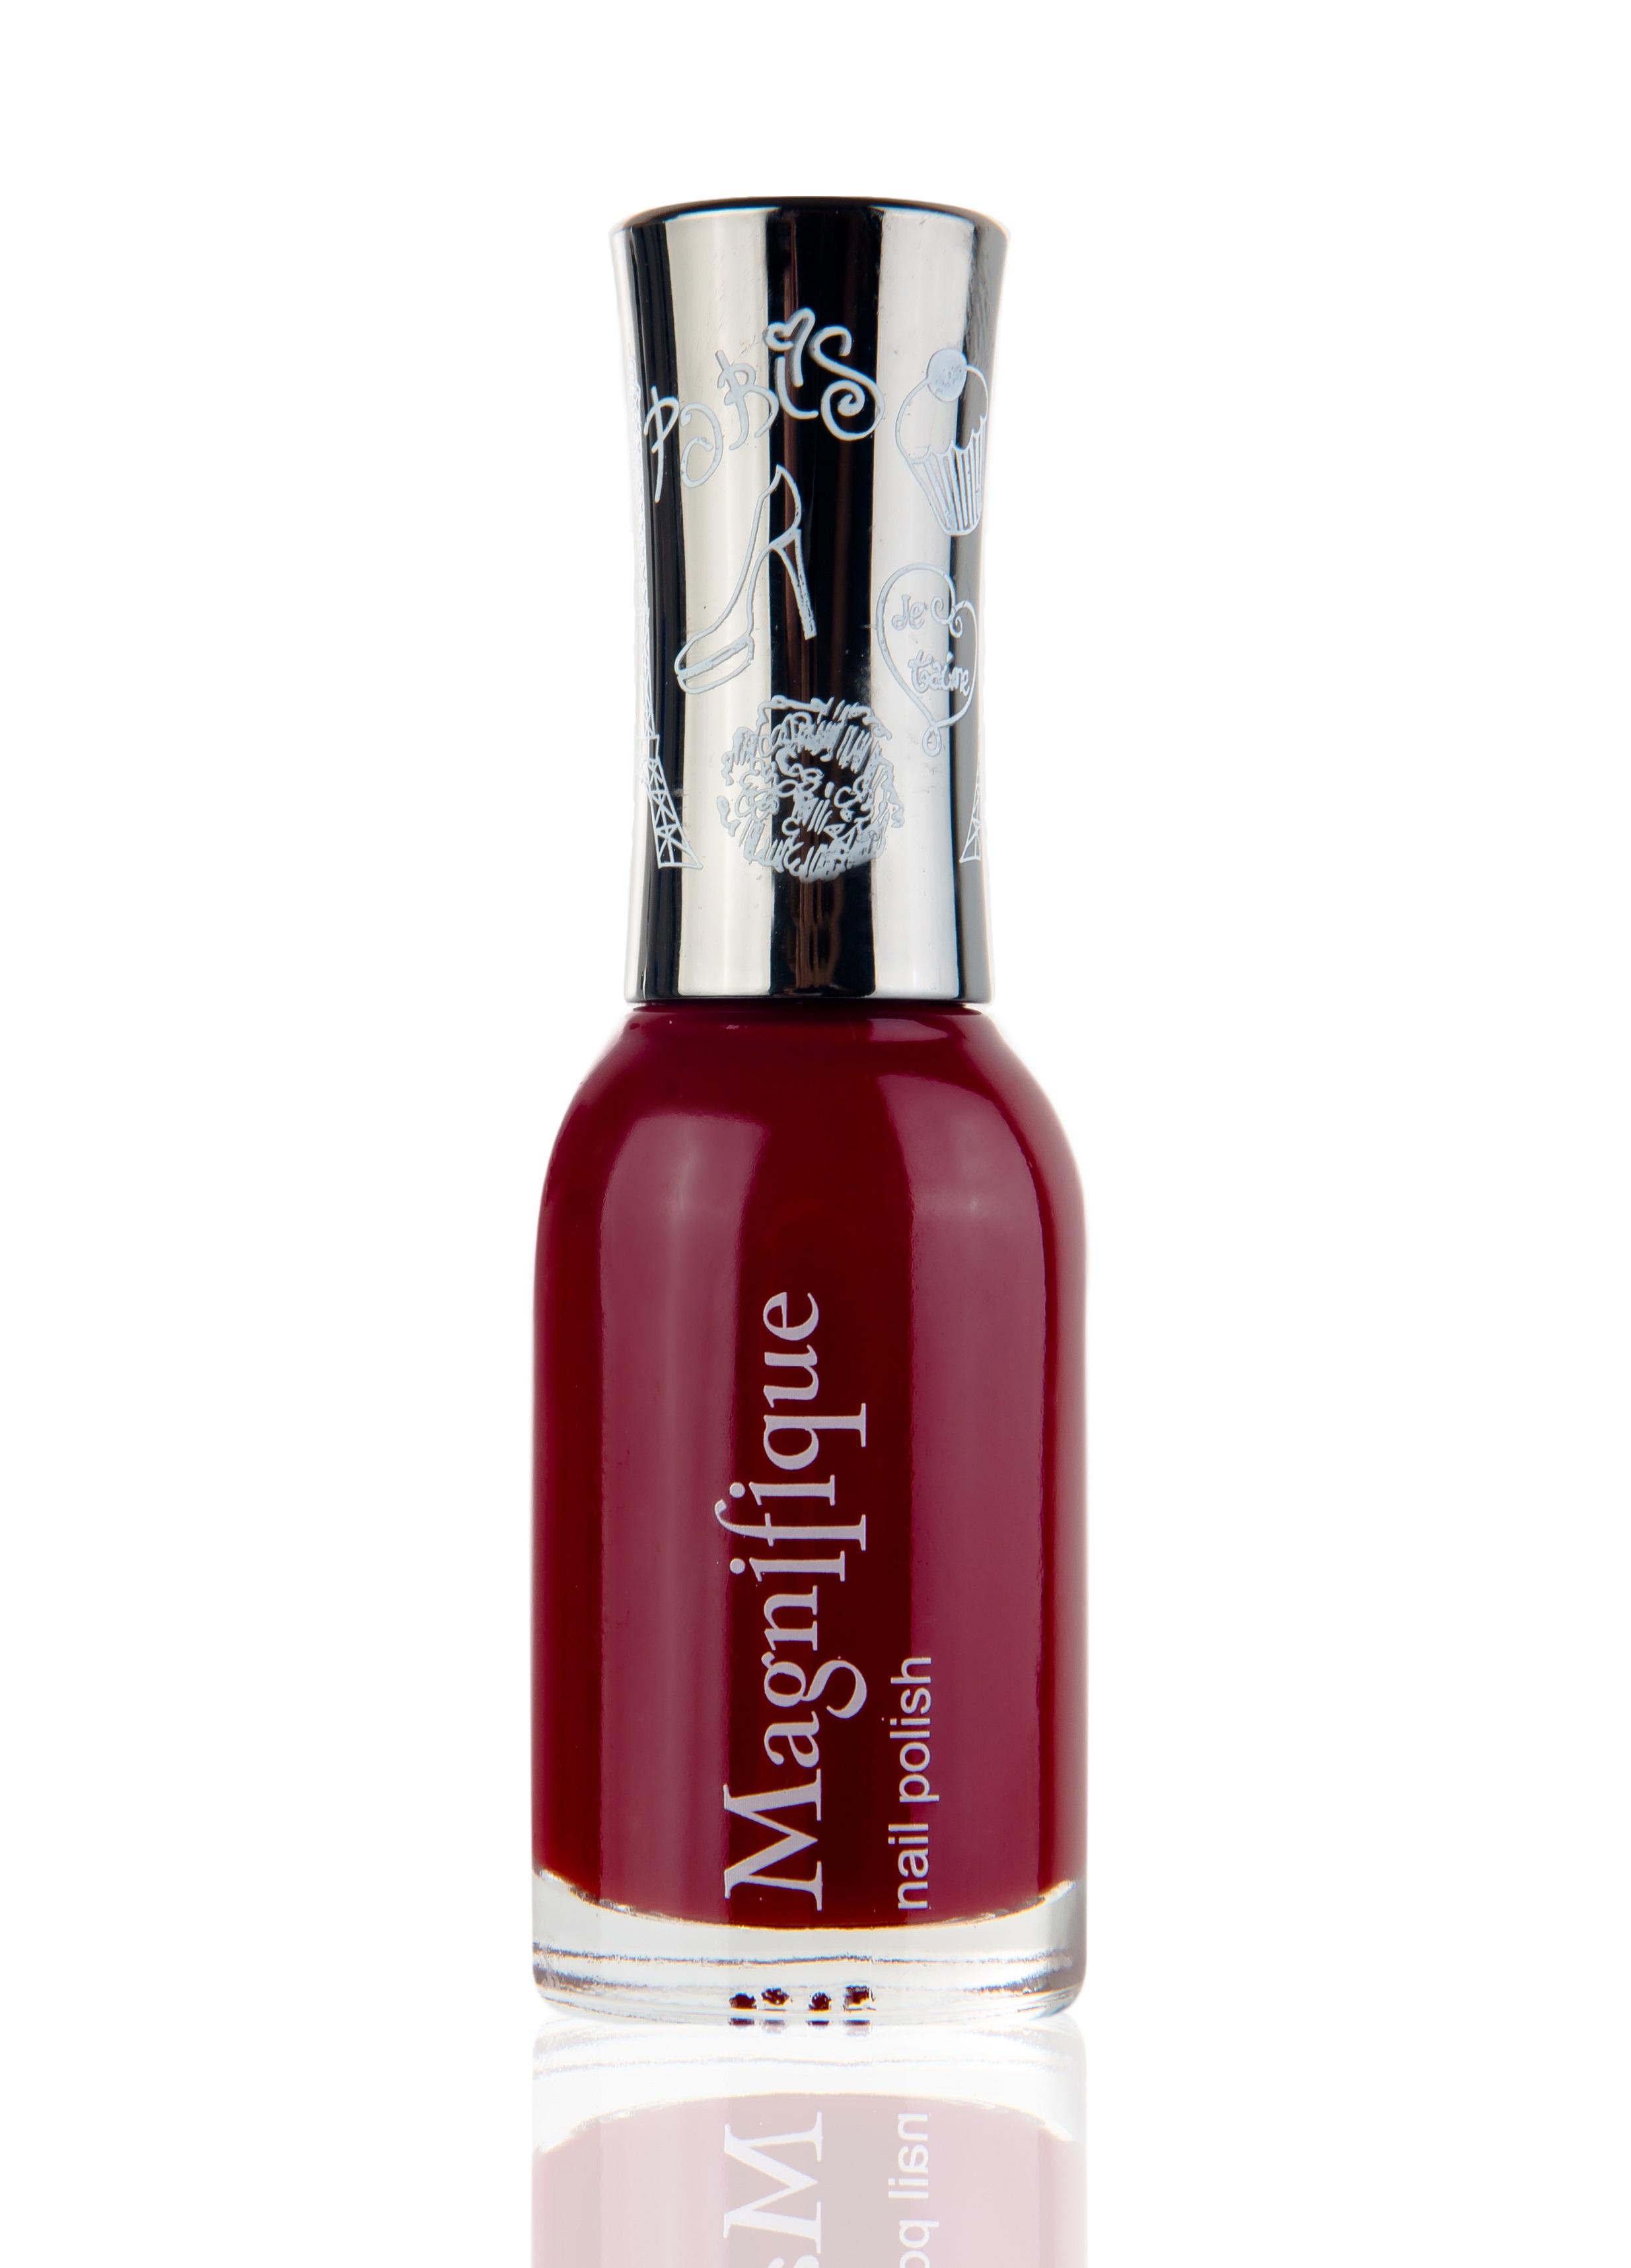 Купить AURELIA 120 лак для ногтей / Magnifique GEL effect 13 мл, Красные